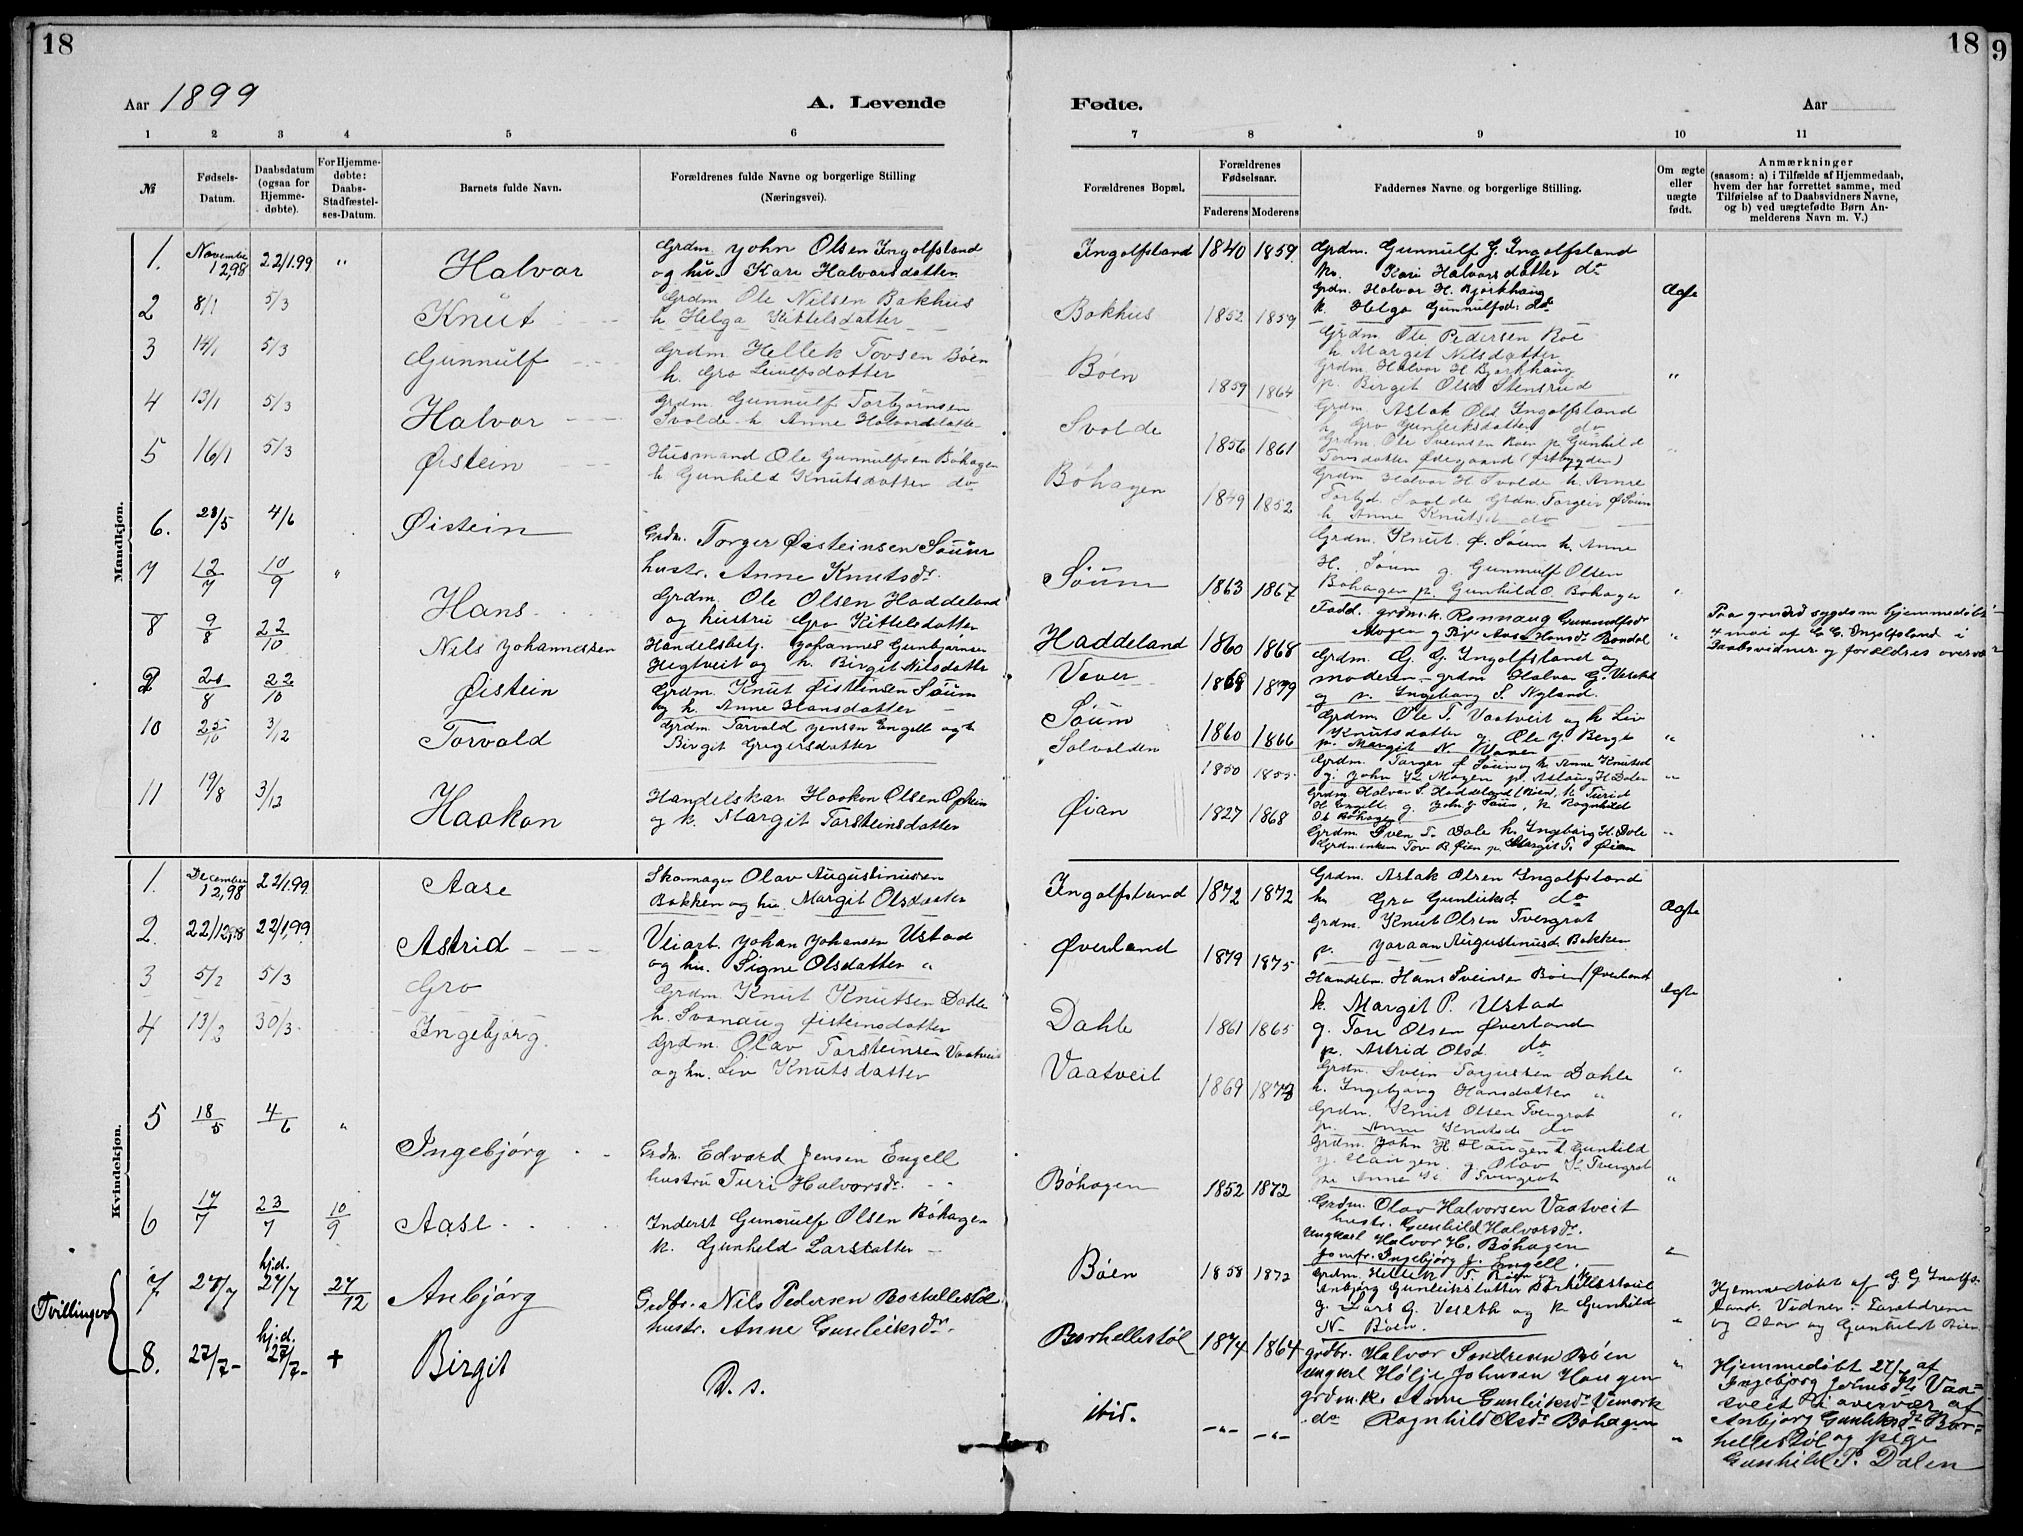 SAKO, Rjukan kirkebøker, G/Ga/L0001: Klokkerbok nr. 1, 1880-1914, s. 18